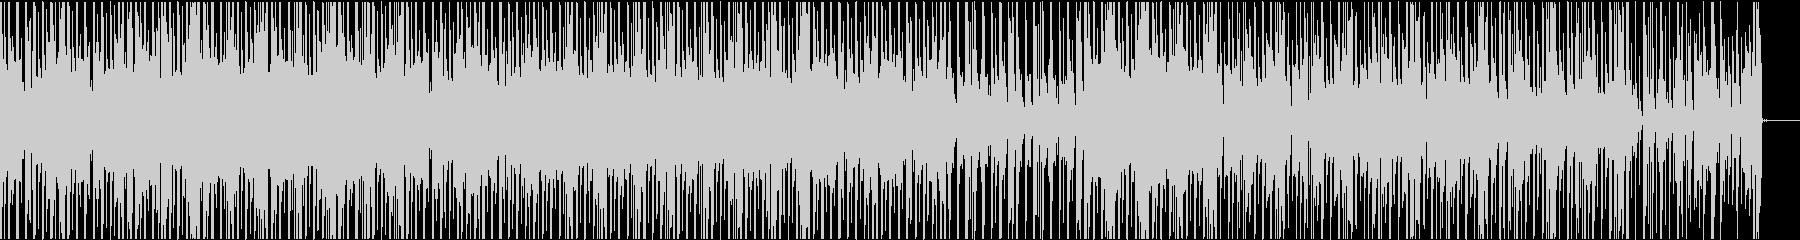 ハウス系ビートの未再生の波形